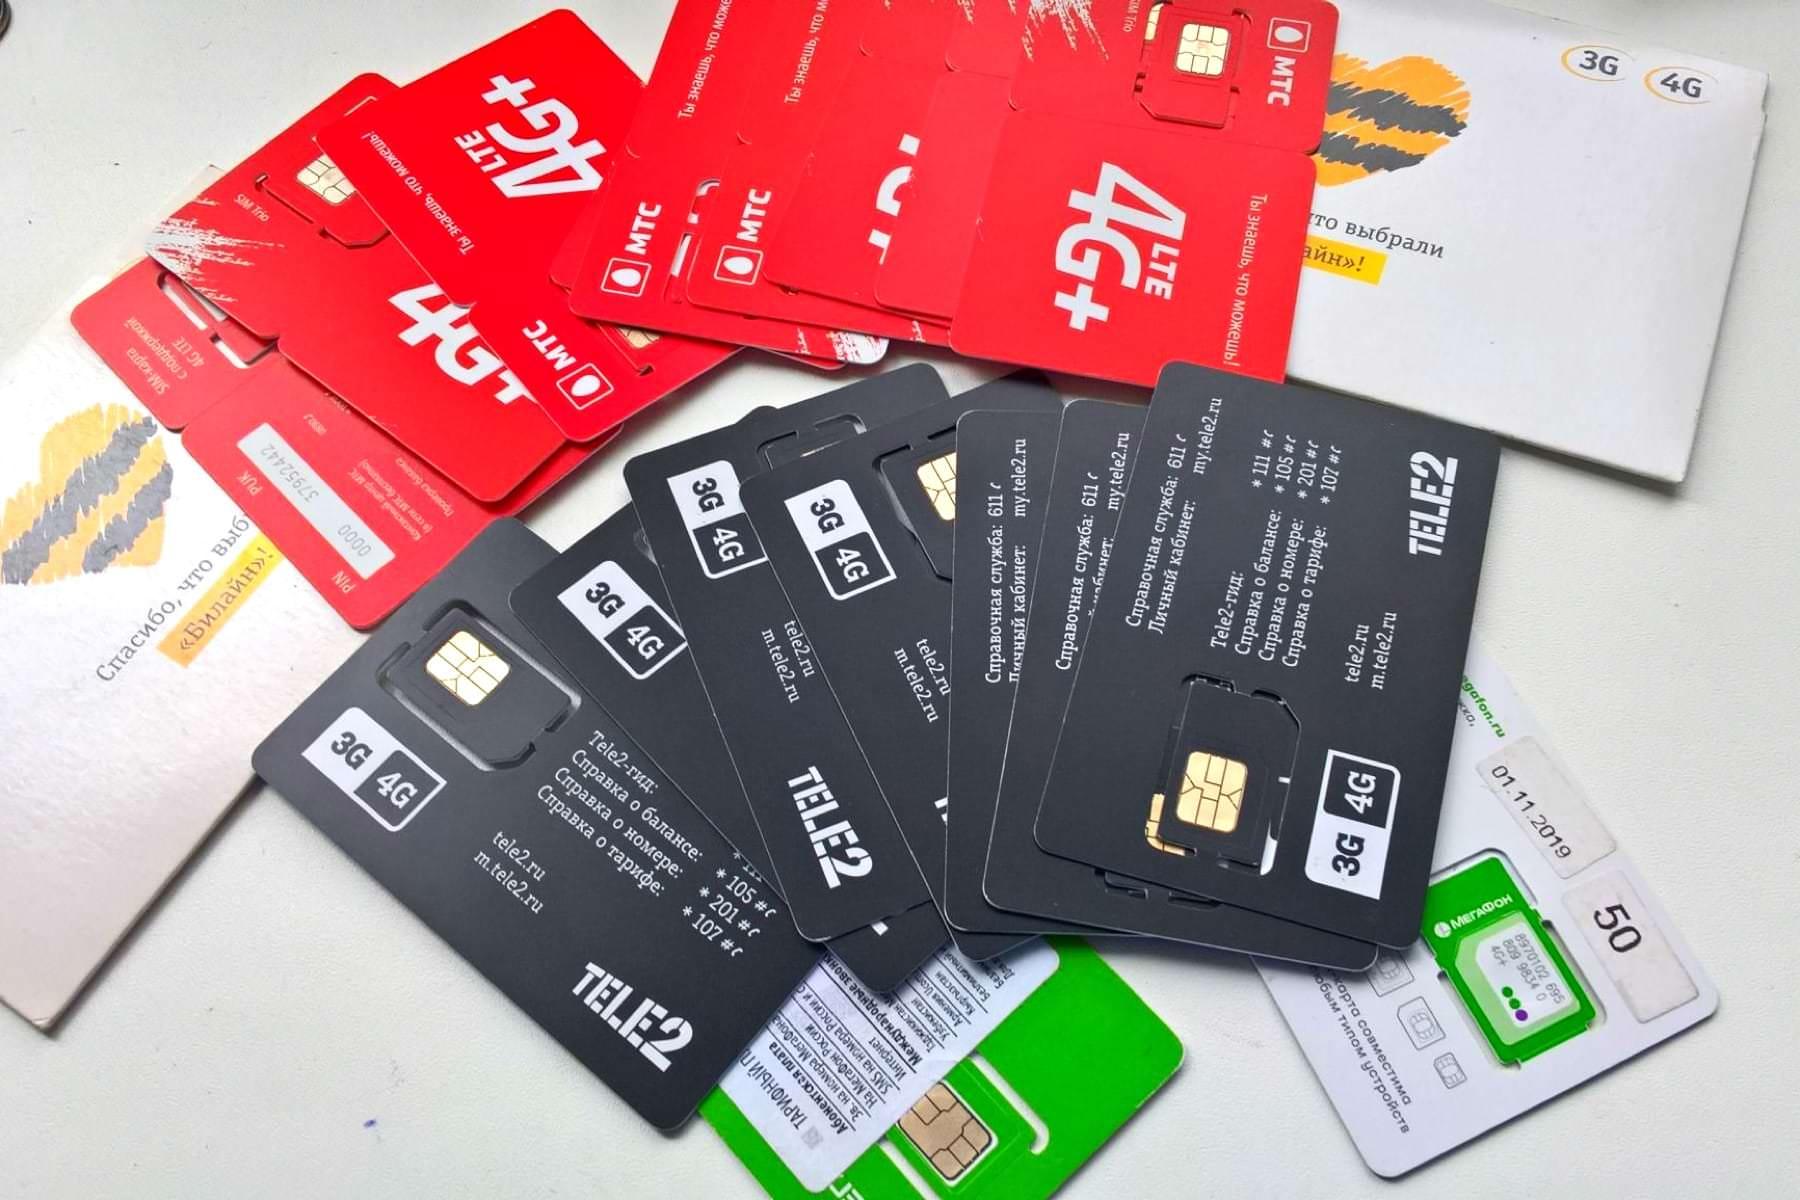 Проведен массовый рейд по изъятию SIM-карт сотовых операторов «МегаФон», «МТС», «Билайн» и Tele2